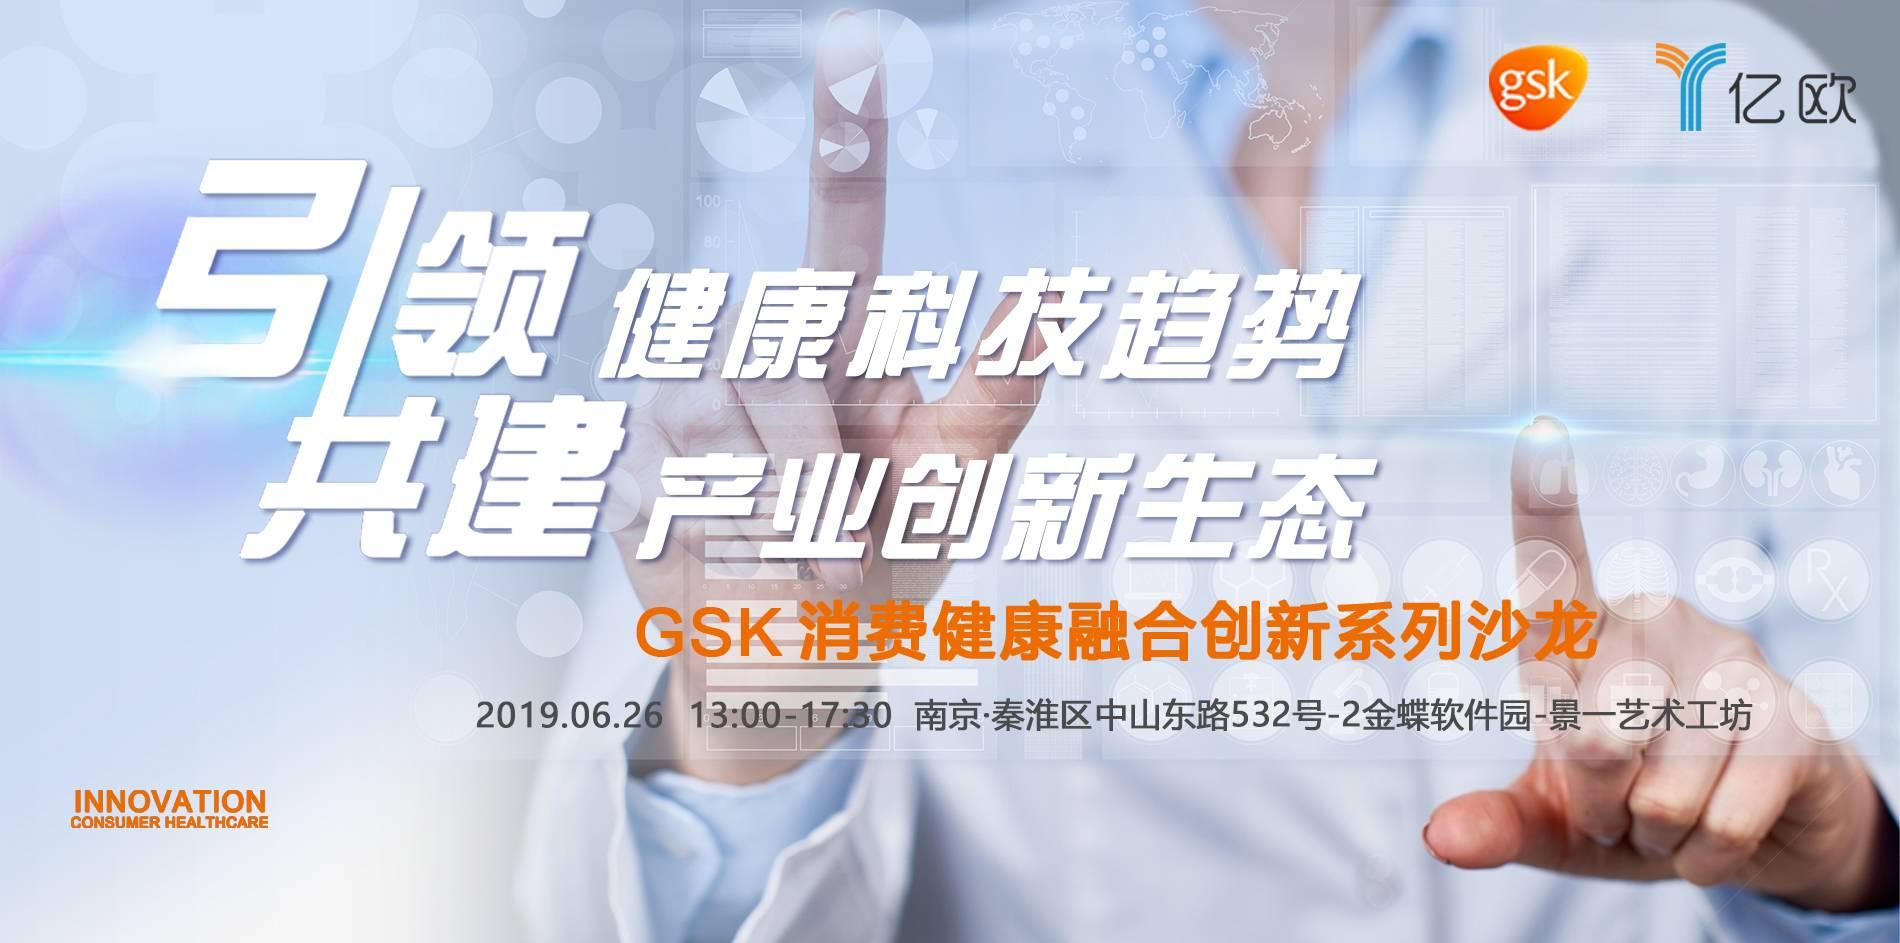 【活动】引领健康科技趋势,共建产业创新生态 ——GSK消费健康融合创新系列沙龙-亿欧